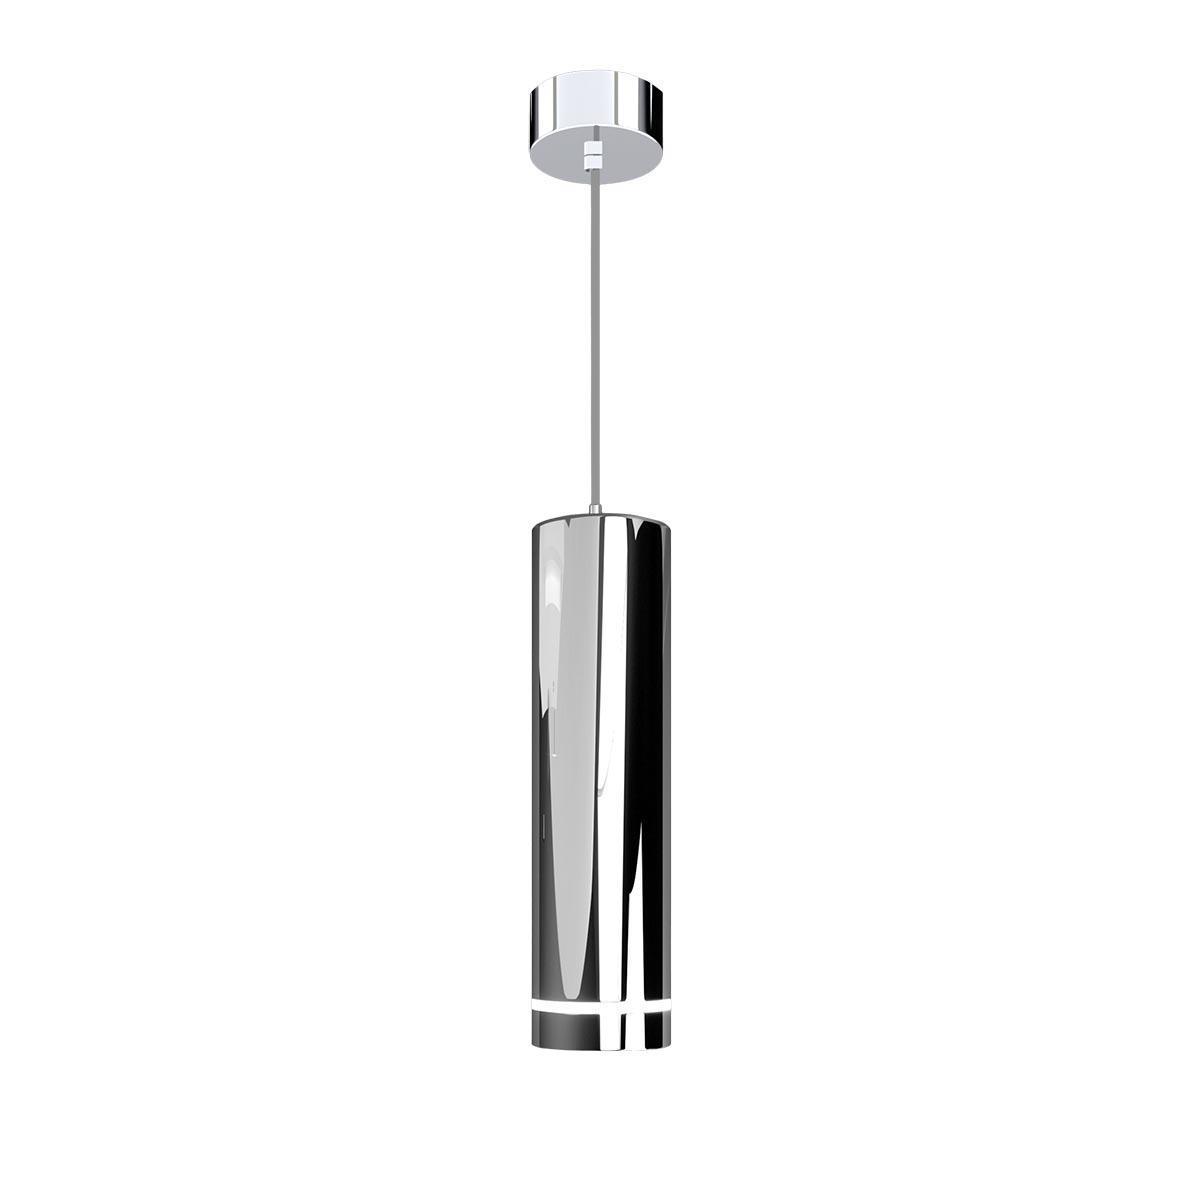 Подвесной светодиодный светильник Elektrostandard DLR023 12W 4200K хром 4690389068430